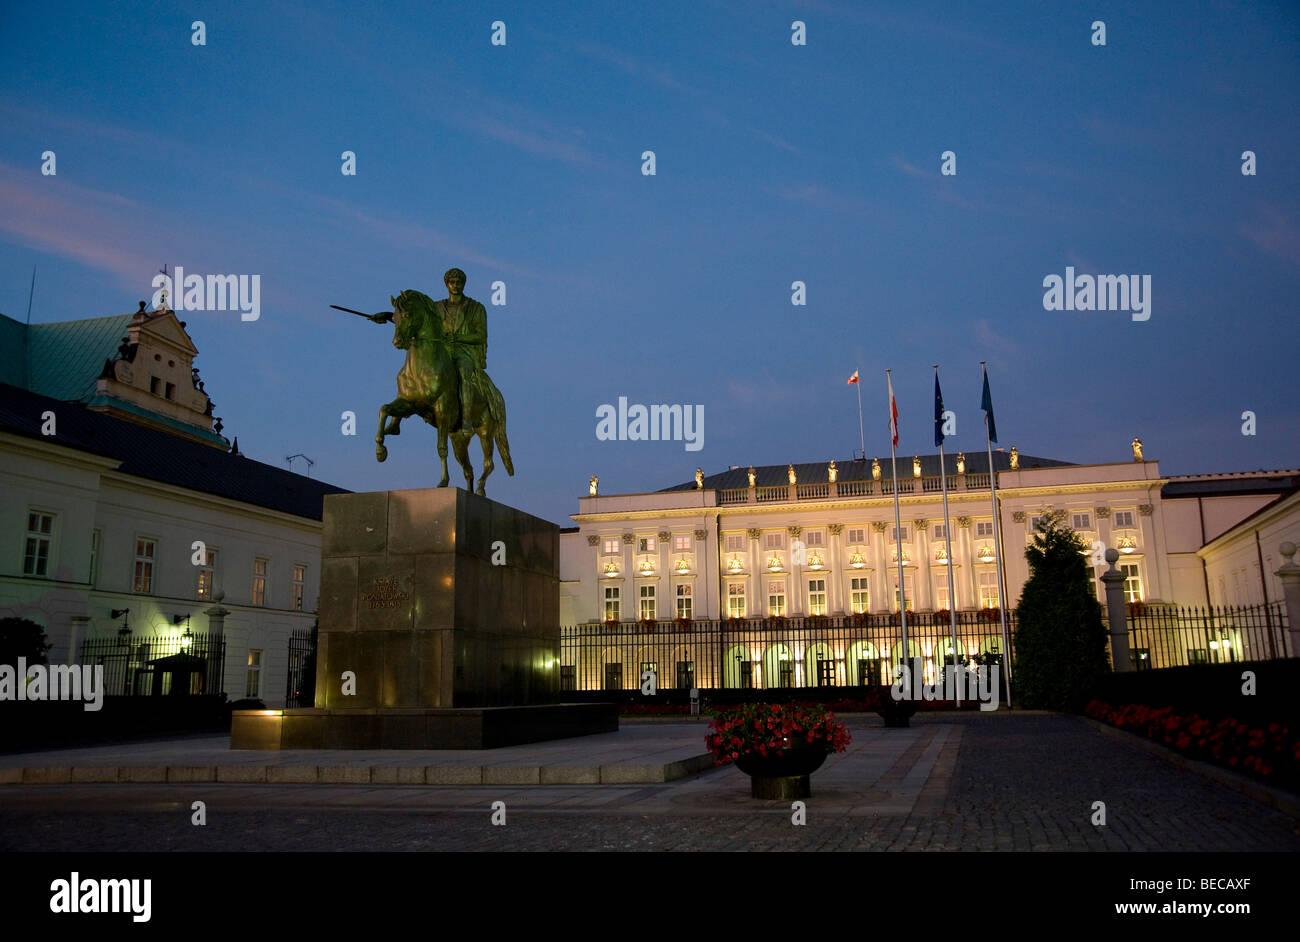 Radziwill Palace, Palac Radziwillowski, seat of the Polish President, Royal Route, Trakt Krolewski, Warsaw, Poland, - Stock Image